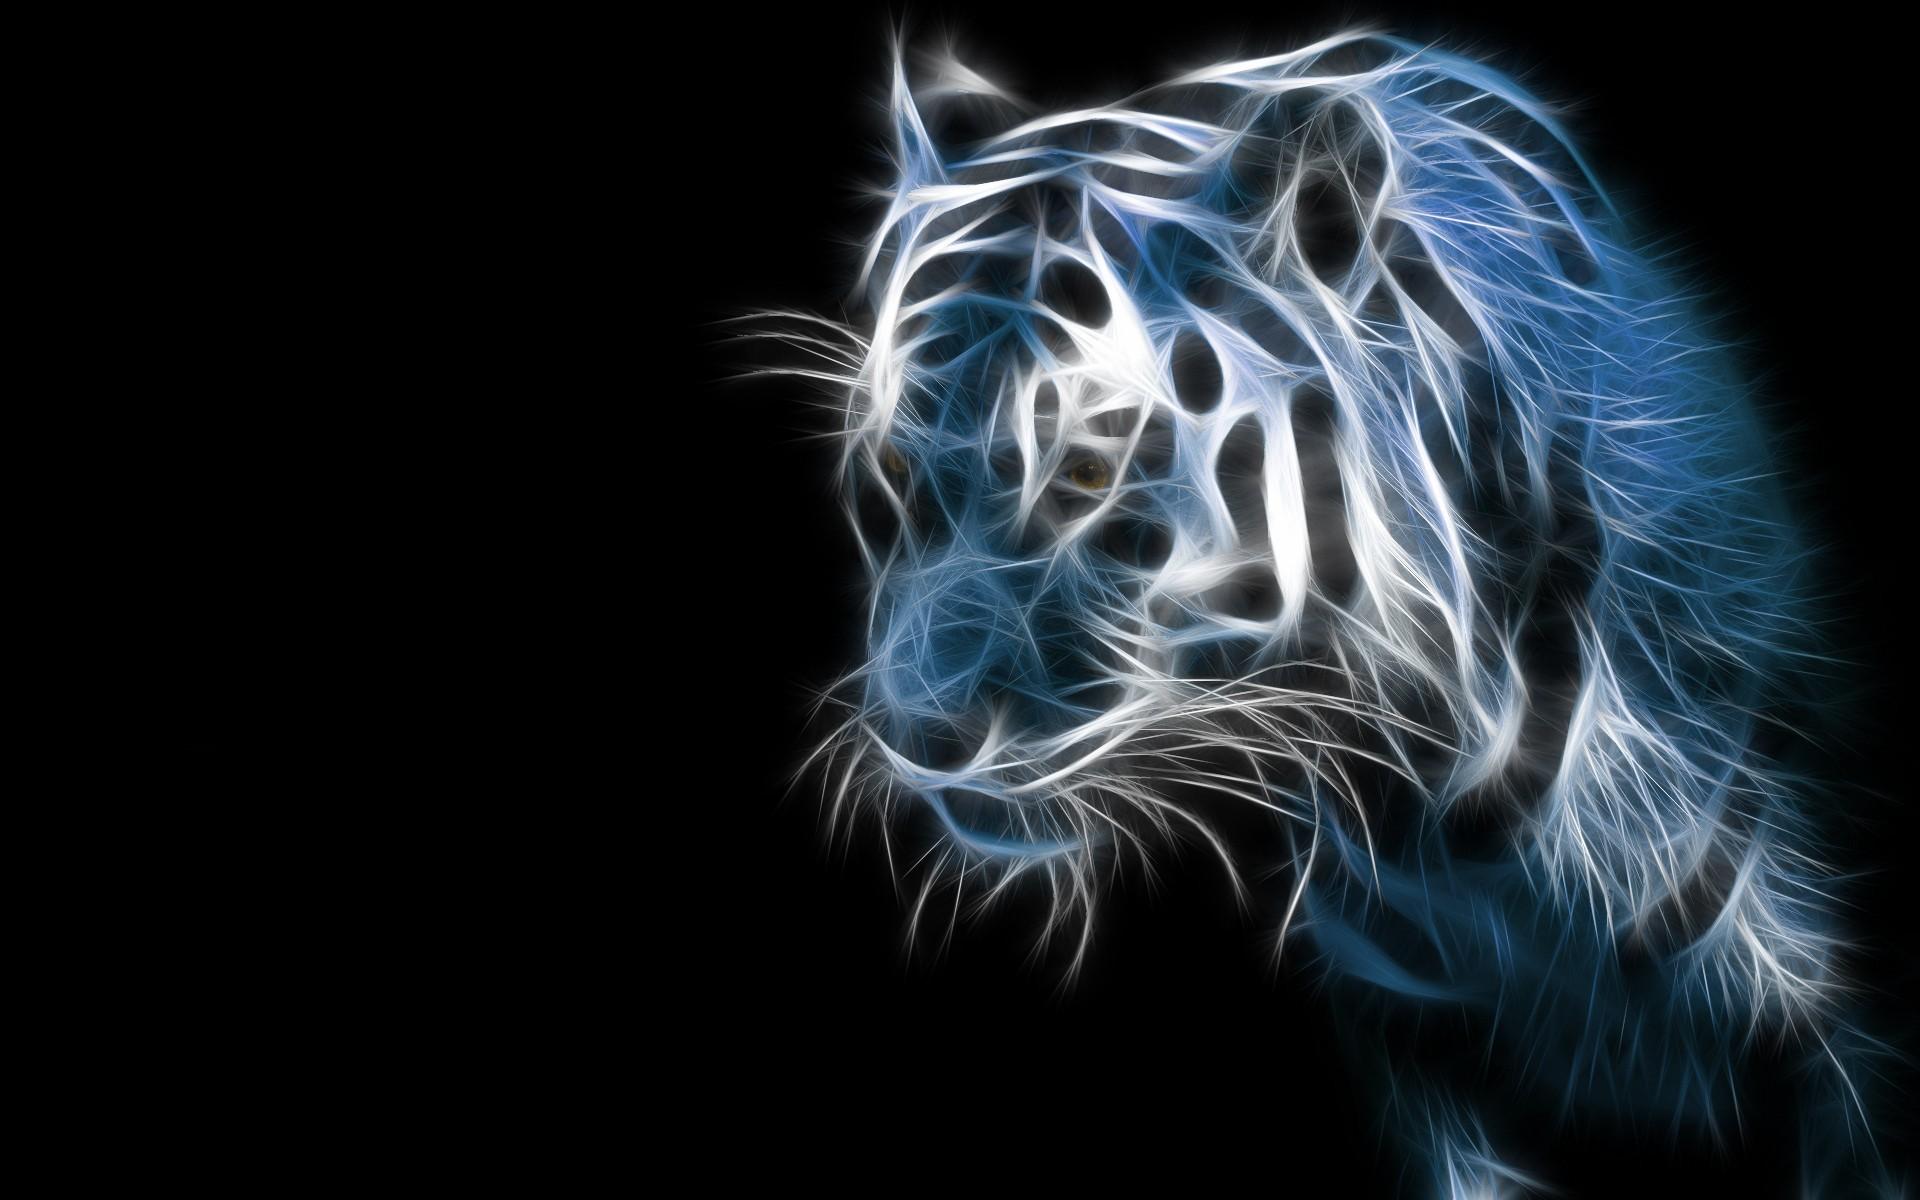 K Ultra HD Leopard Wallpapers HD, Desktop Backgrounds Leopard Pictures Wallpapers  Wallpapers)